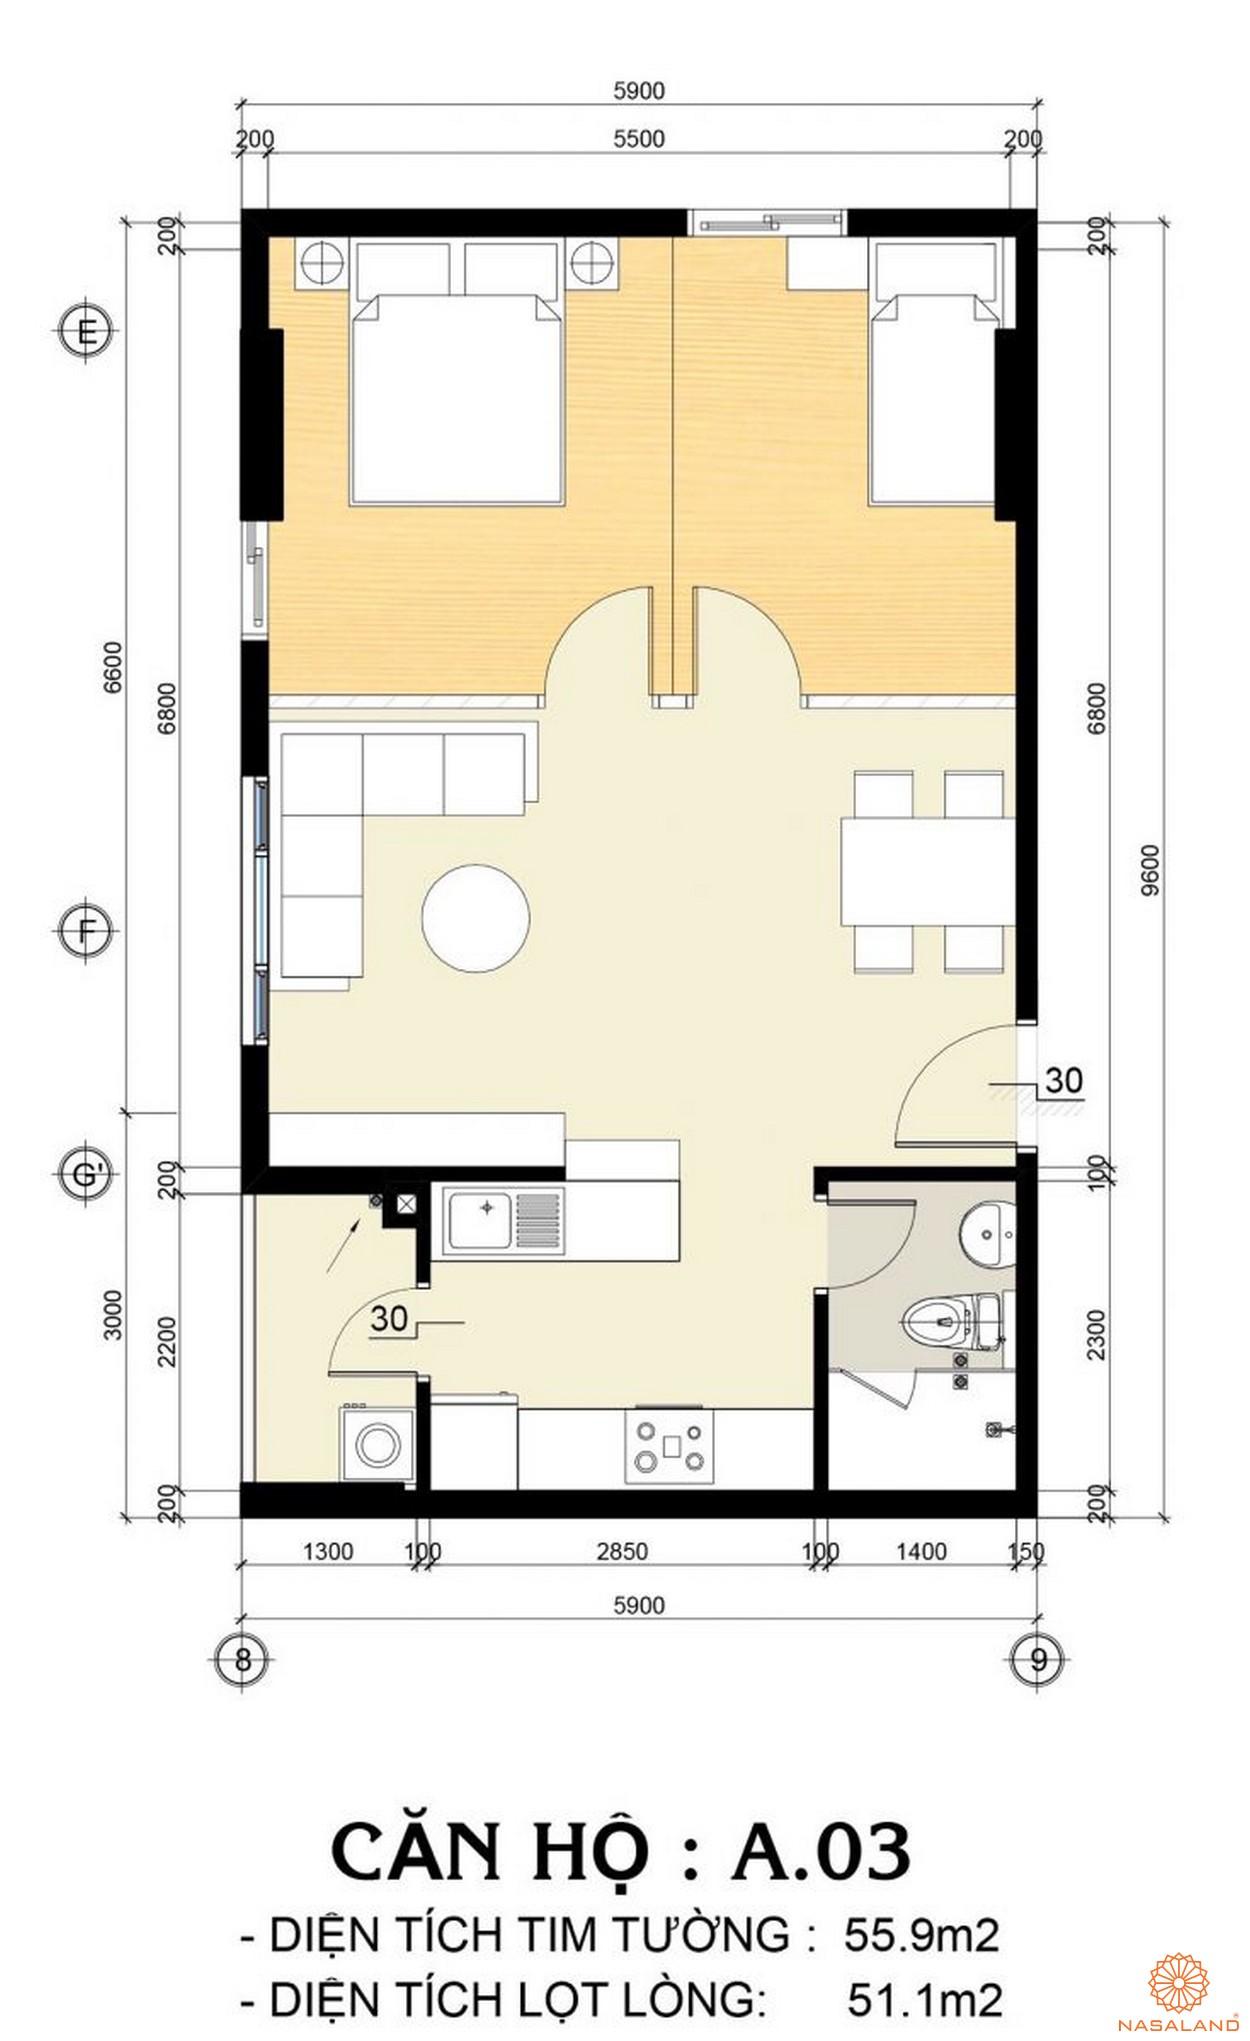 Mặt bằng mẫu căn hộ A.03 tại dự án